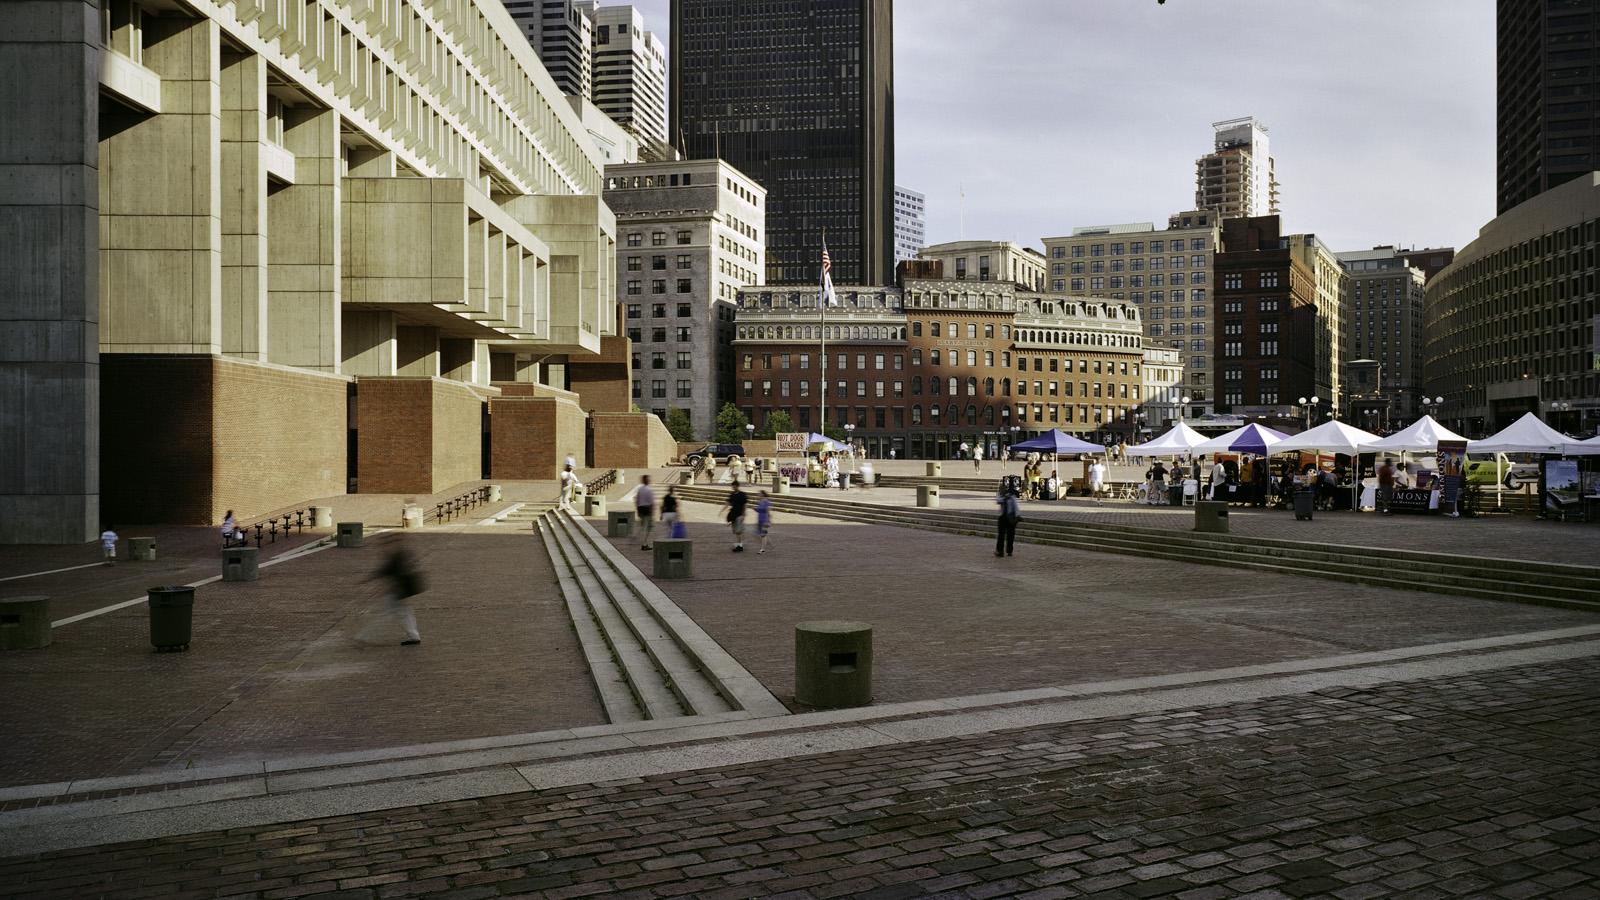 BostonCityHallPlaza_feature_2008_01.jpg